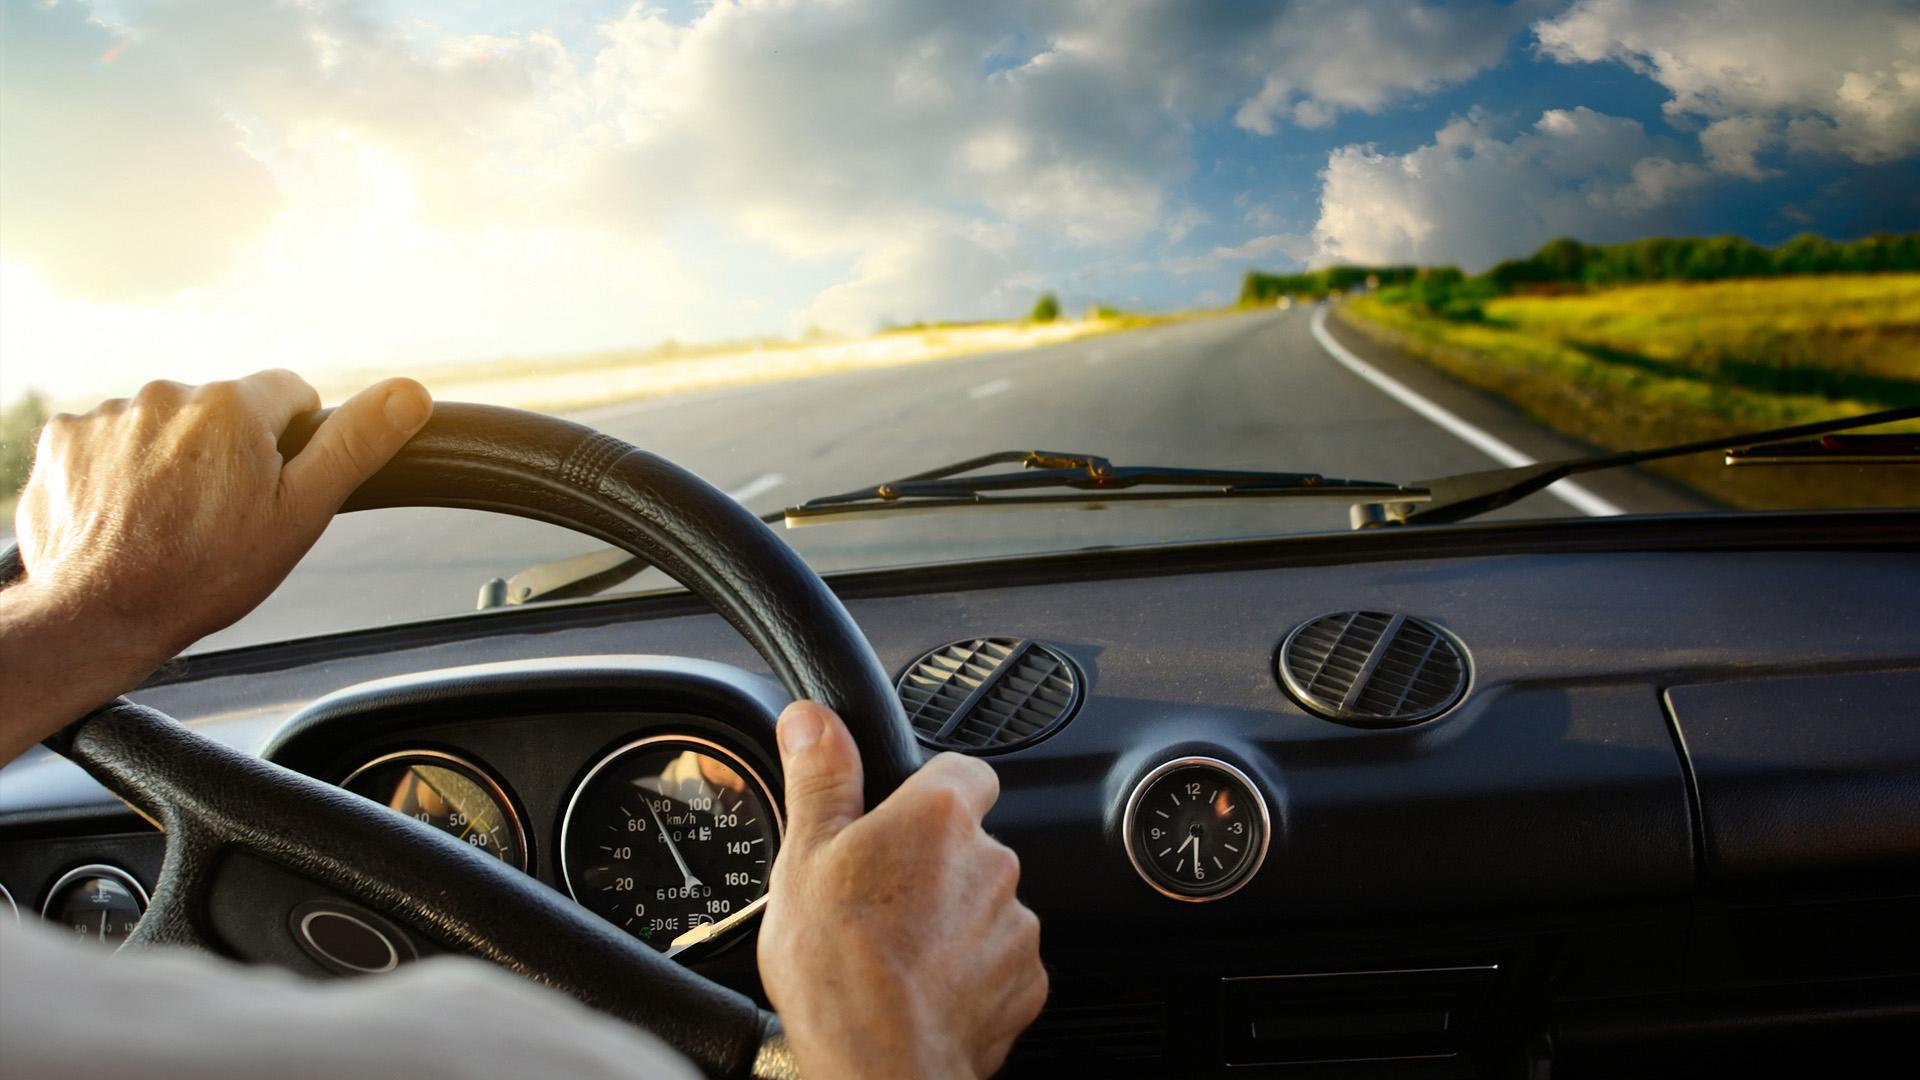 Vì sao dịch vụ thuê xe ô tô có tài xế lại được ưa chuộng?